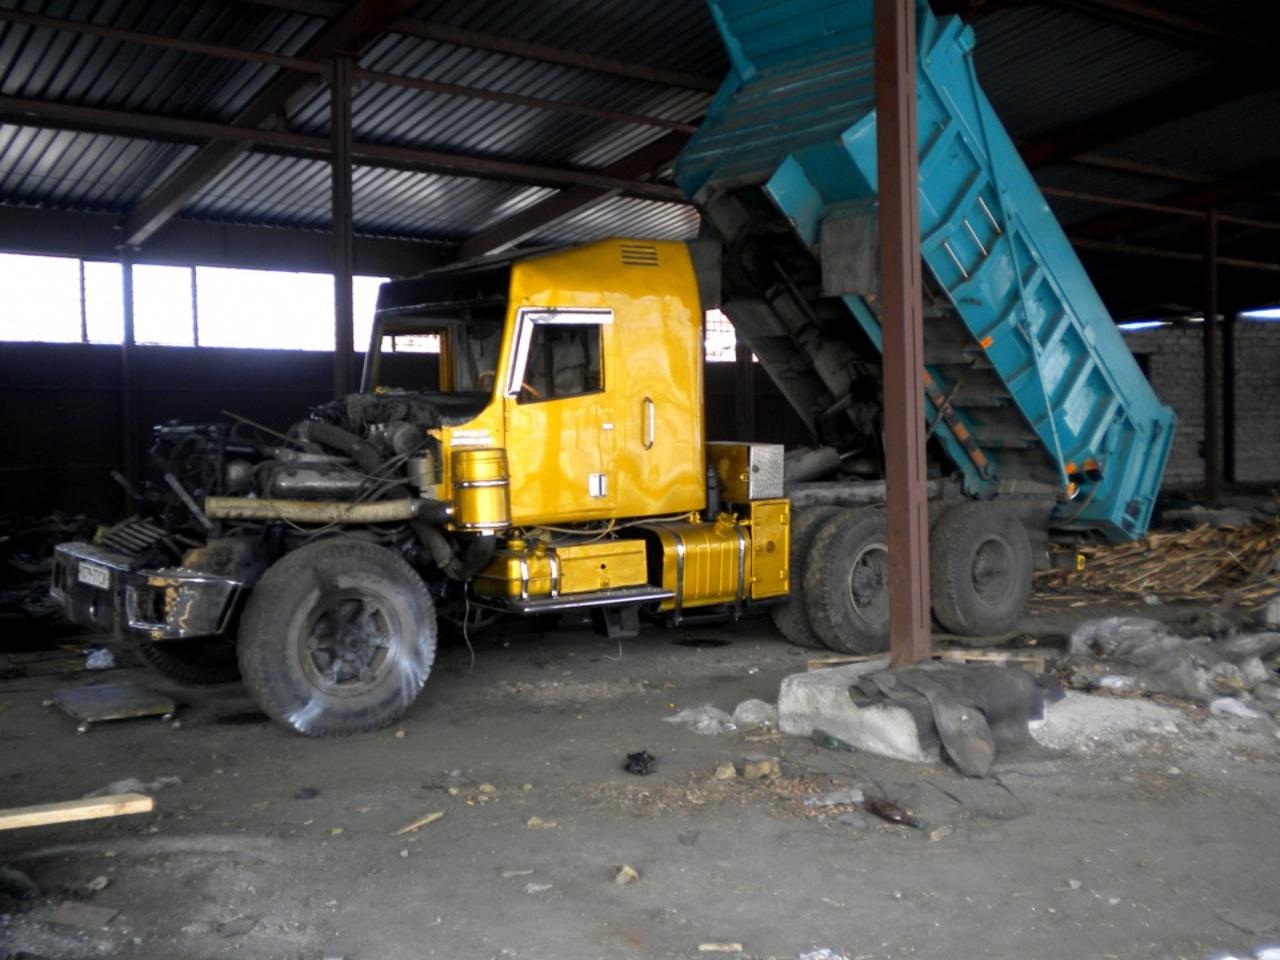 В первую очередь вы заметили, что у грузовика полностью изменен каркас кабины, от которой родным ост